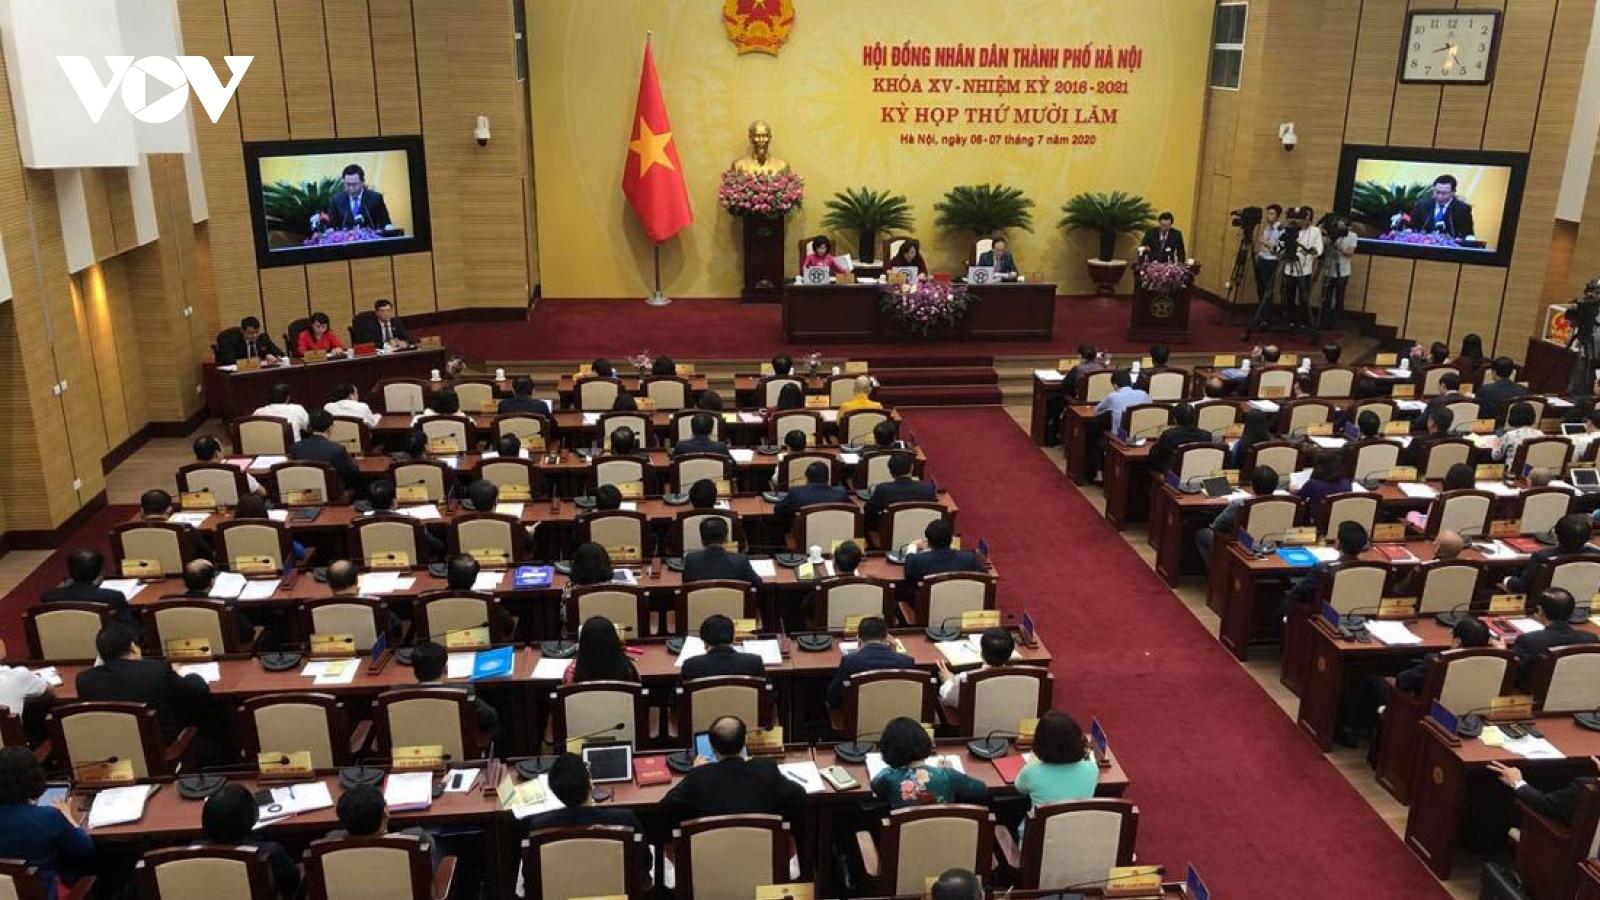 Ngày 25/9, HĐND thành phố Hà Nội sẽ tổ chức bầu Chủ tịch UBND thay ông Nguyễn Đức Chung